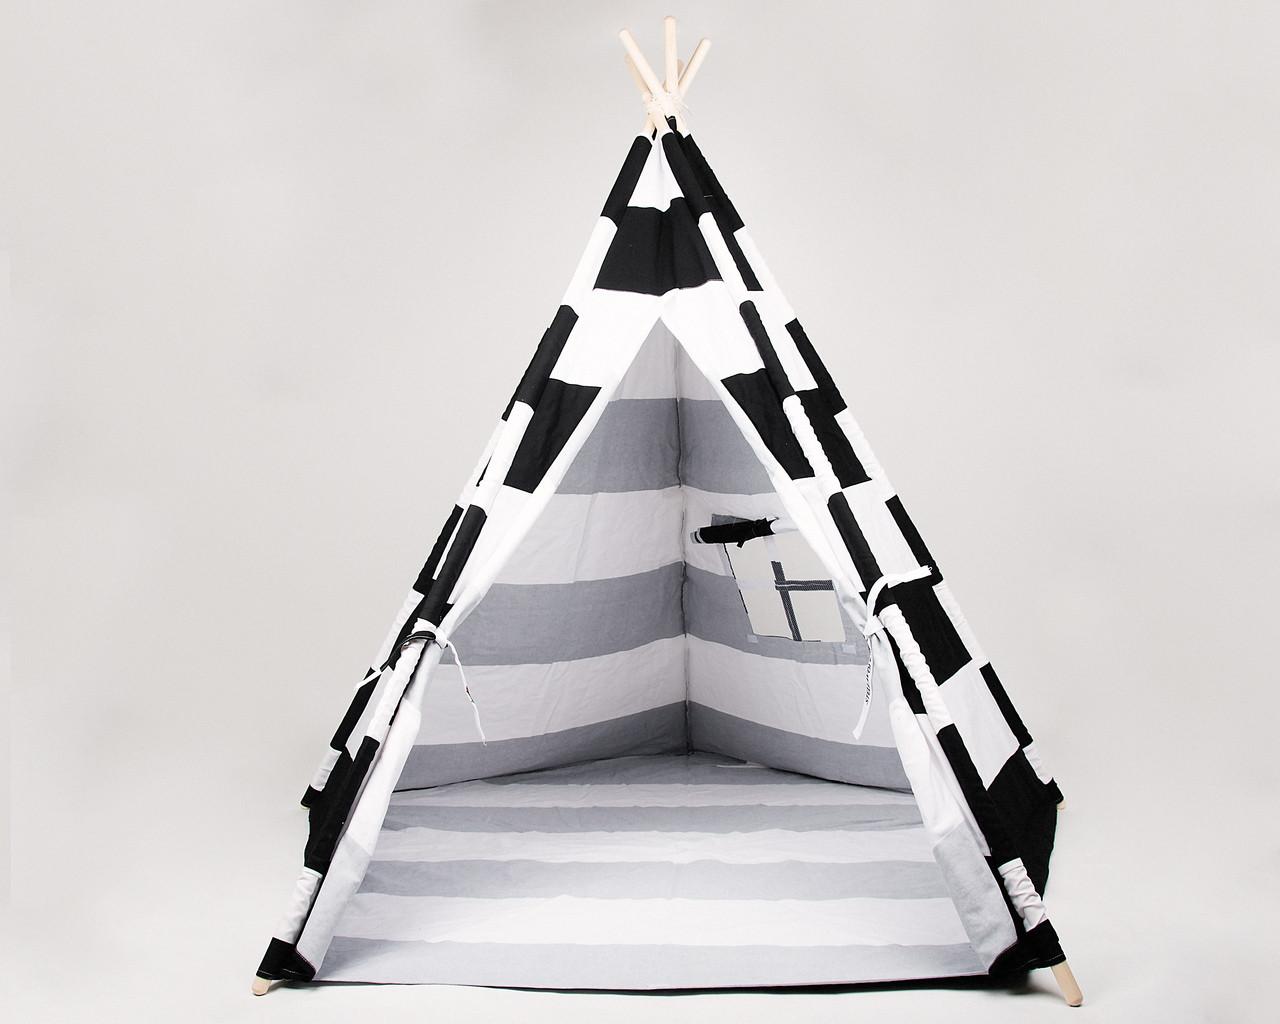 Stellavolta TP5P-BKS KIDS Teepee Large 5-Pole, Jet Black Stripes